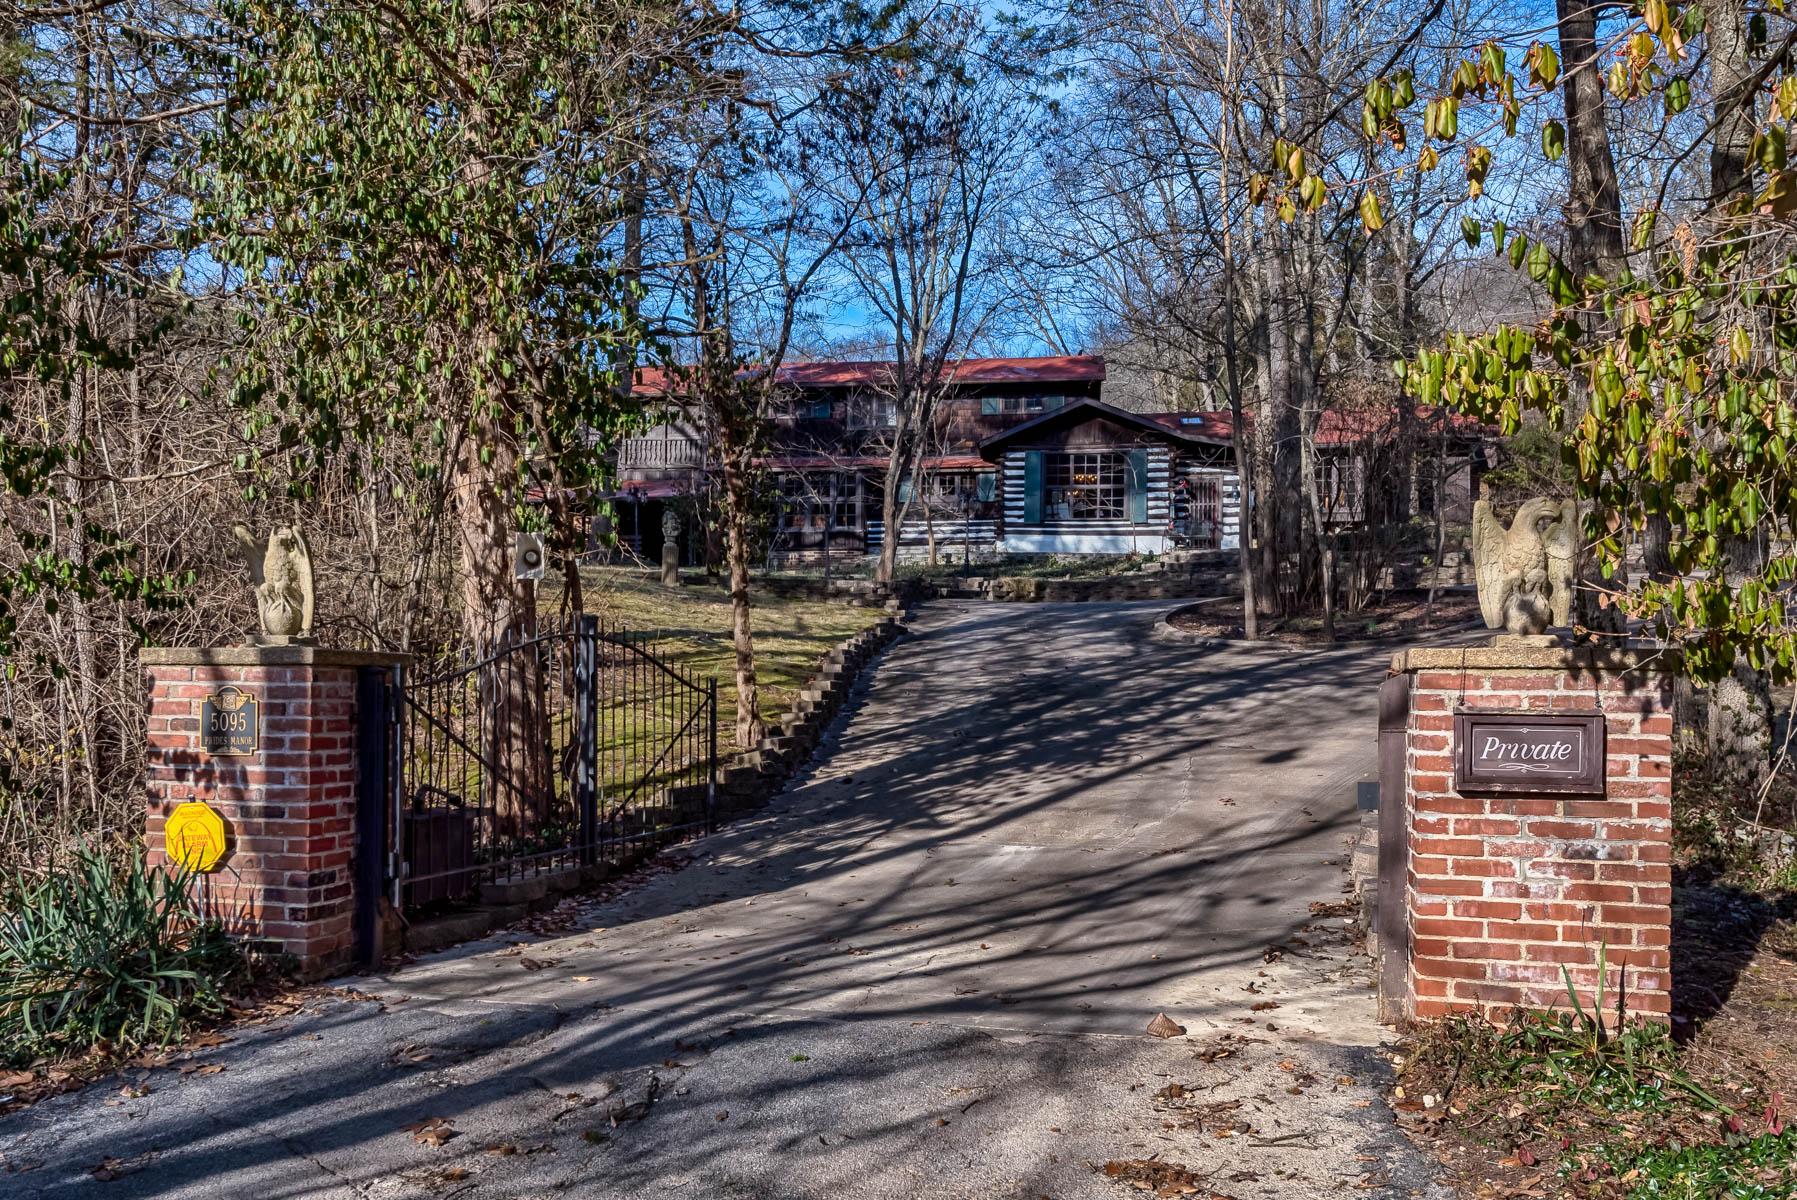 Casa Unifamiliar por un Venta en Prides Crossing 5095 Prides Crossing House Springs, Missouri 63051 Estados Unidos